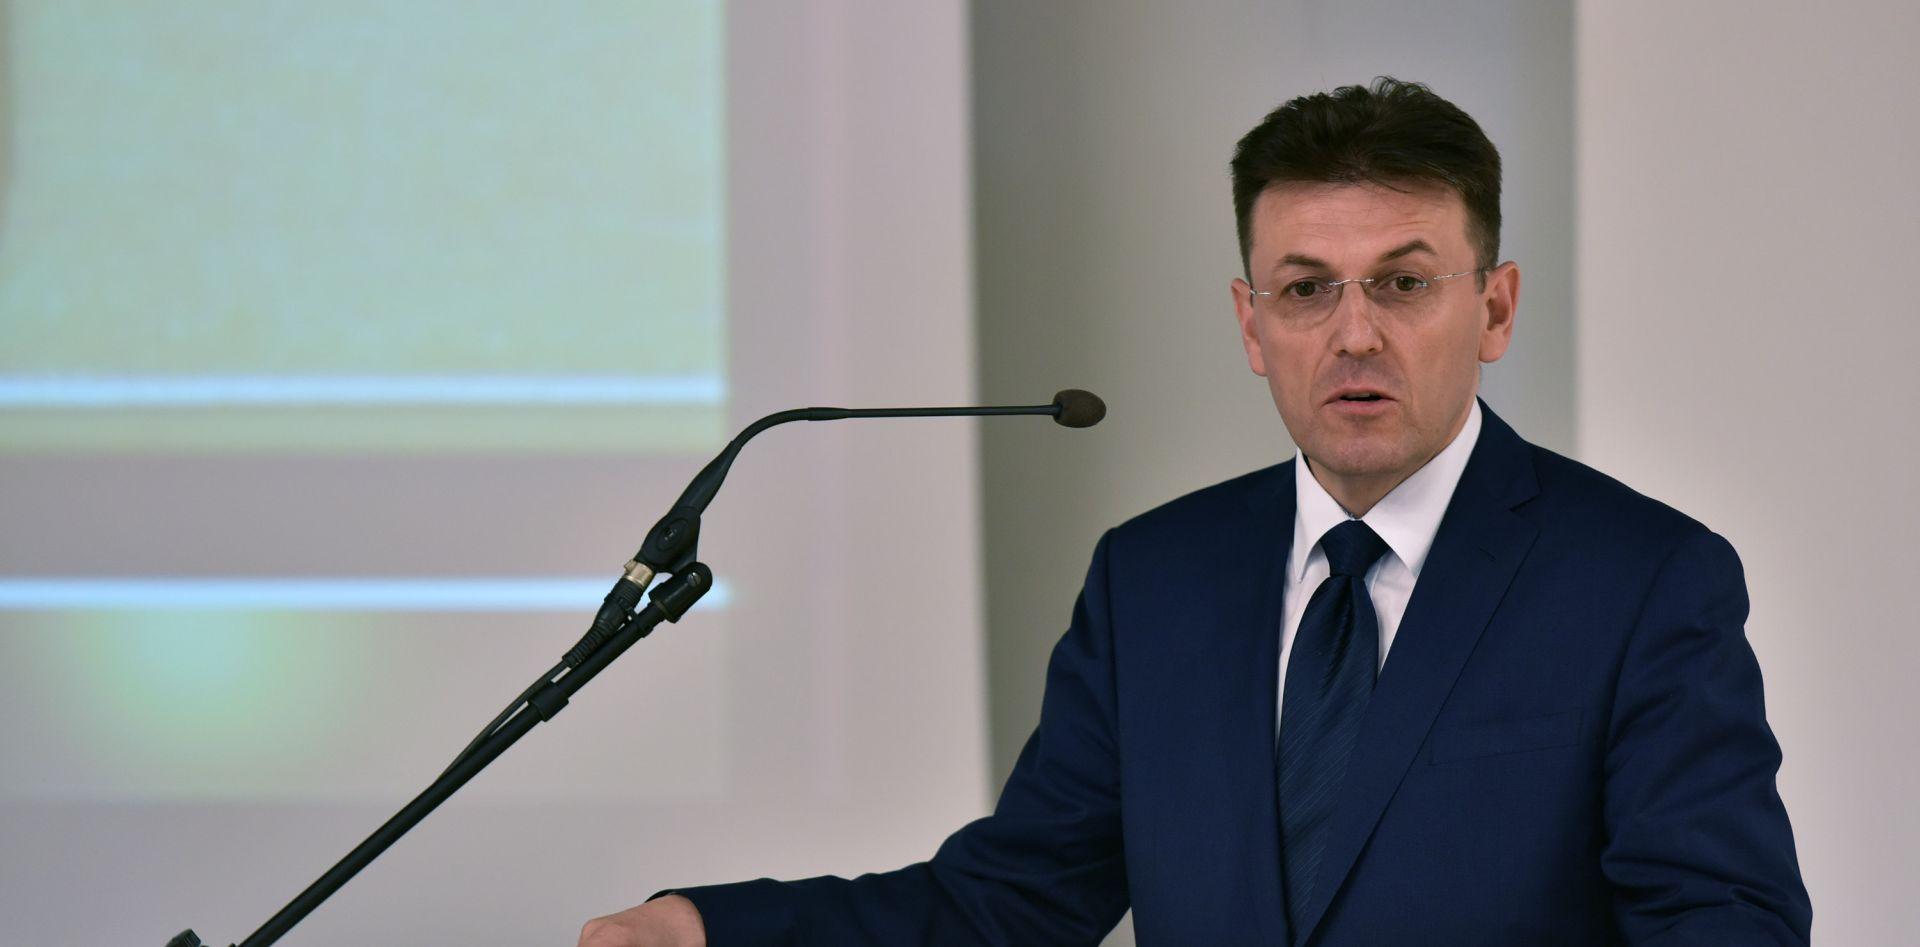 Luka Burilović pozdravlja odluku o mandataru Tihomiru Oreškoviću